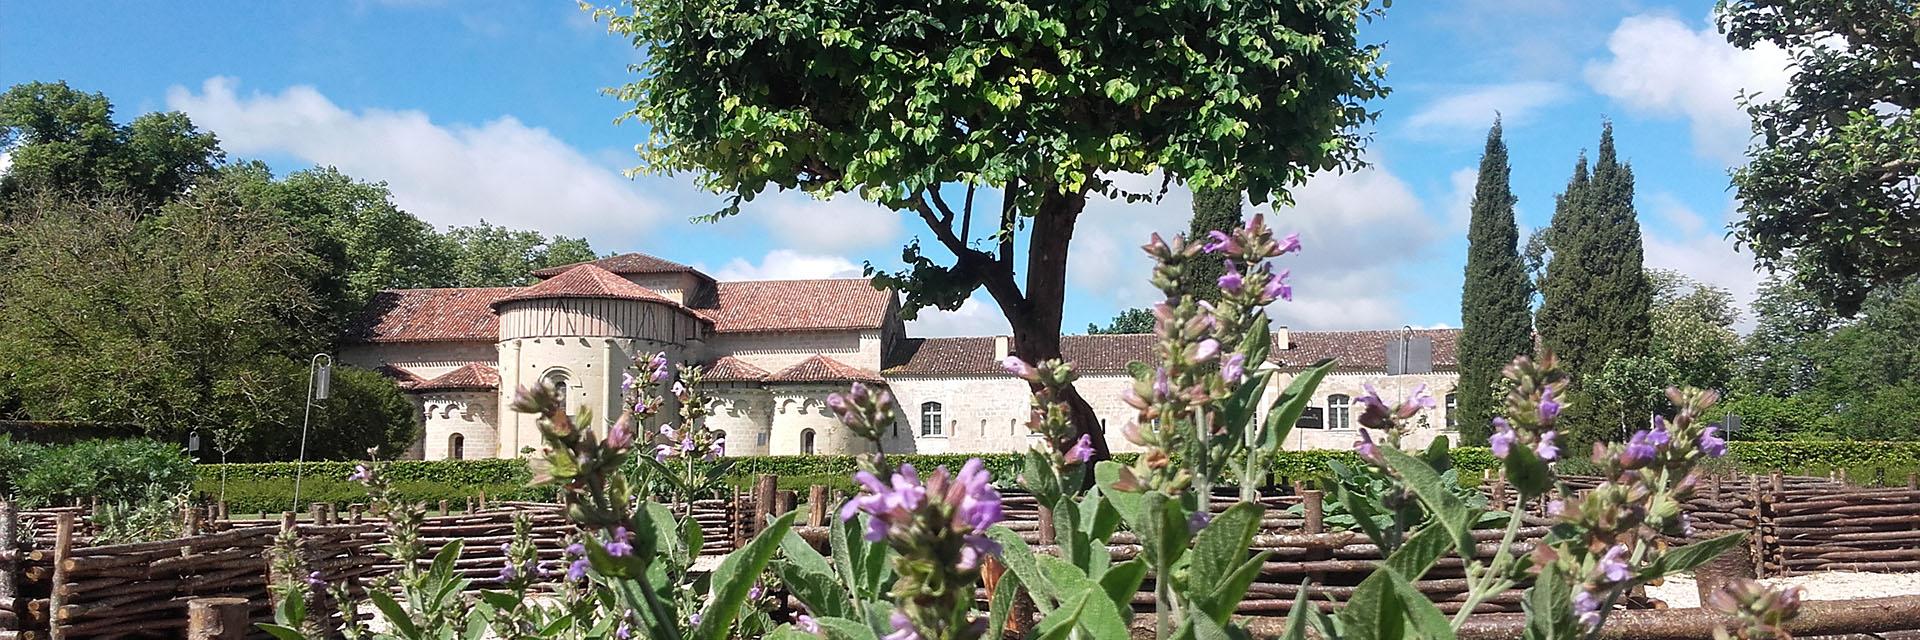 Gers, la Toscane française - Le Hameau des Étoiles